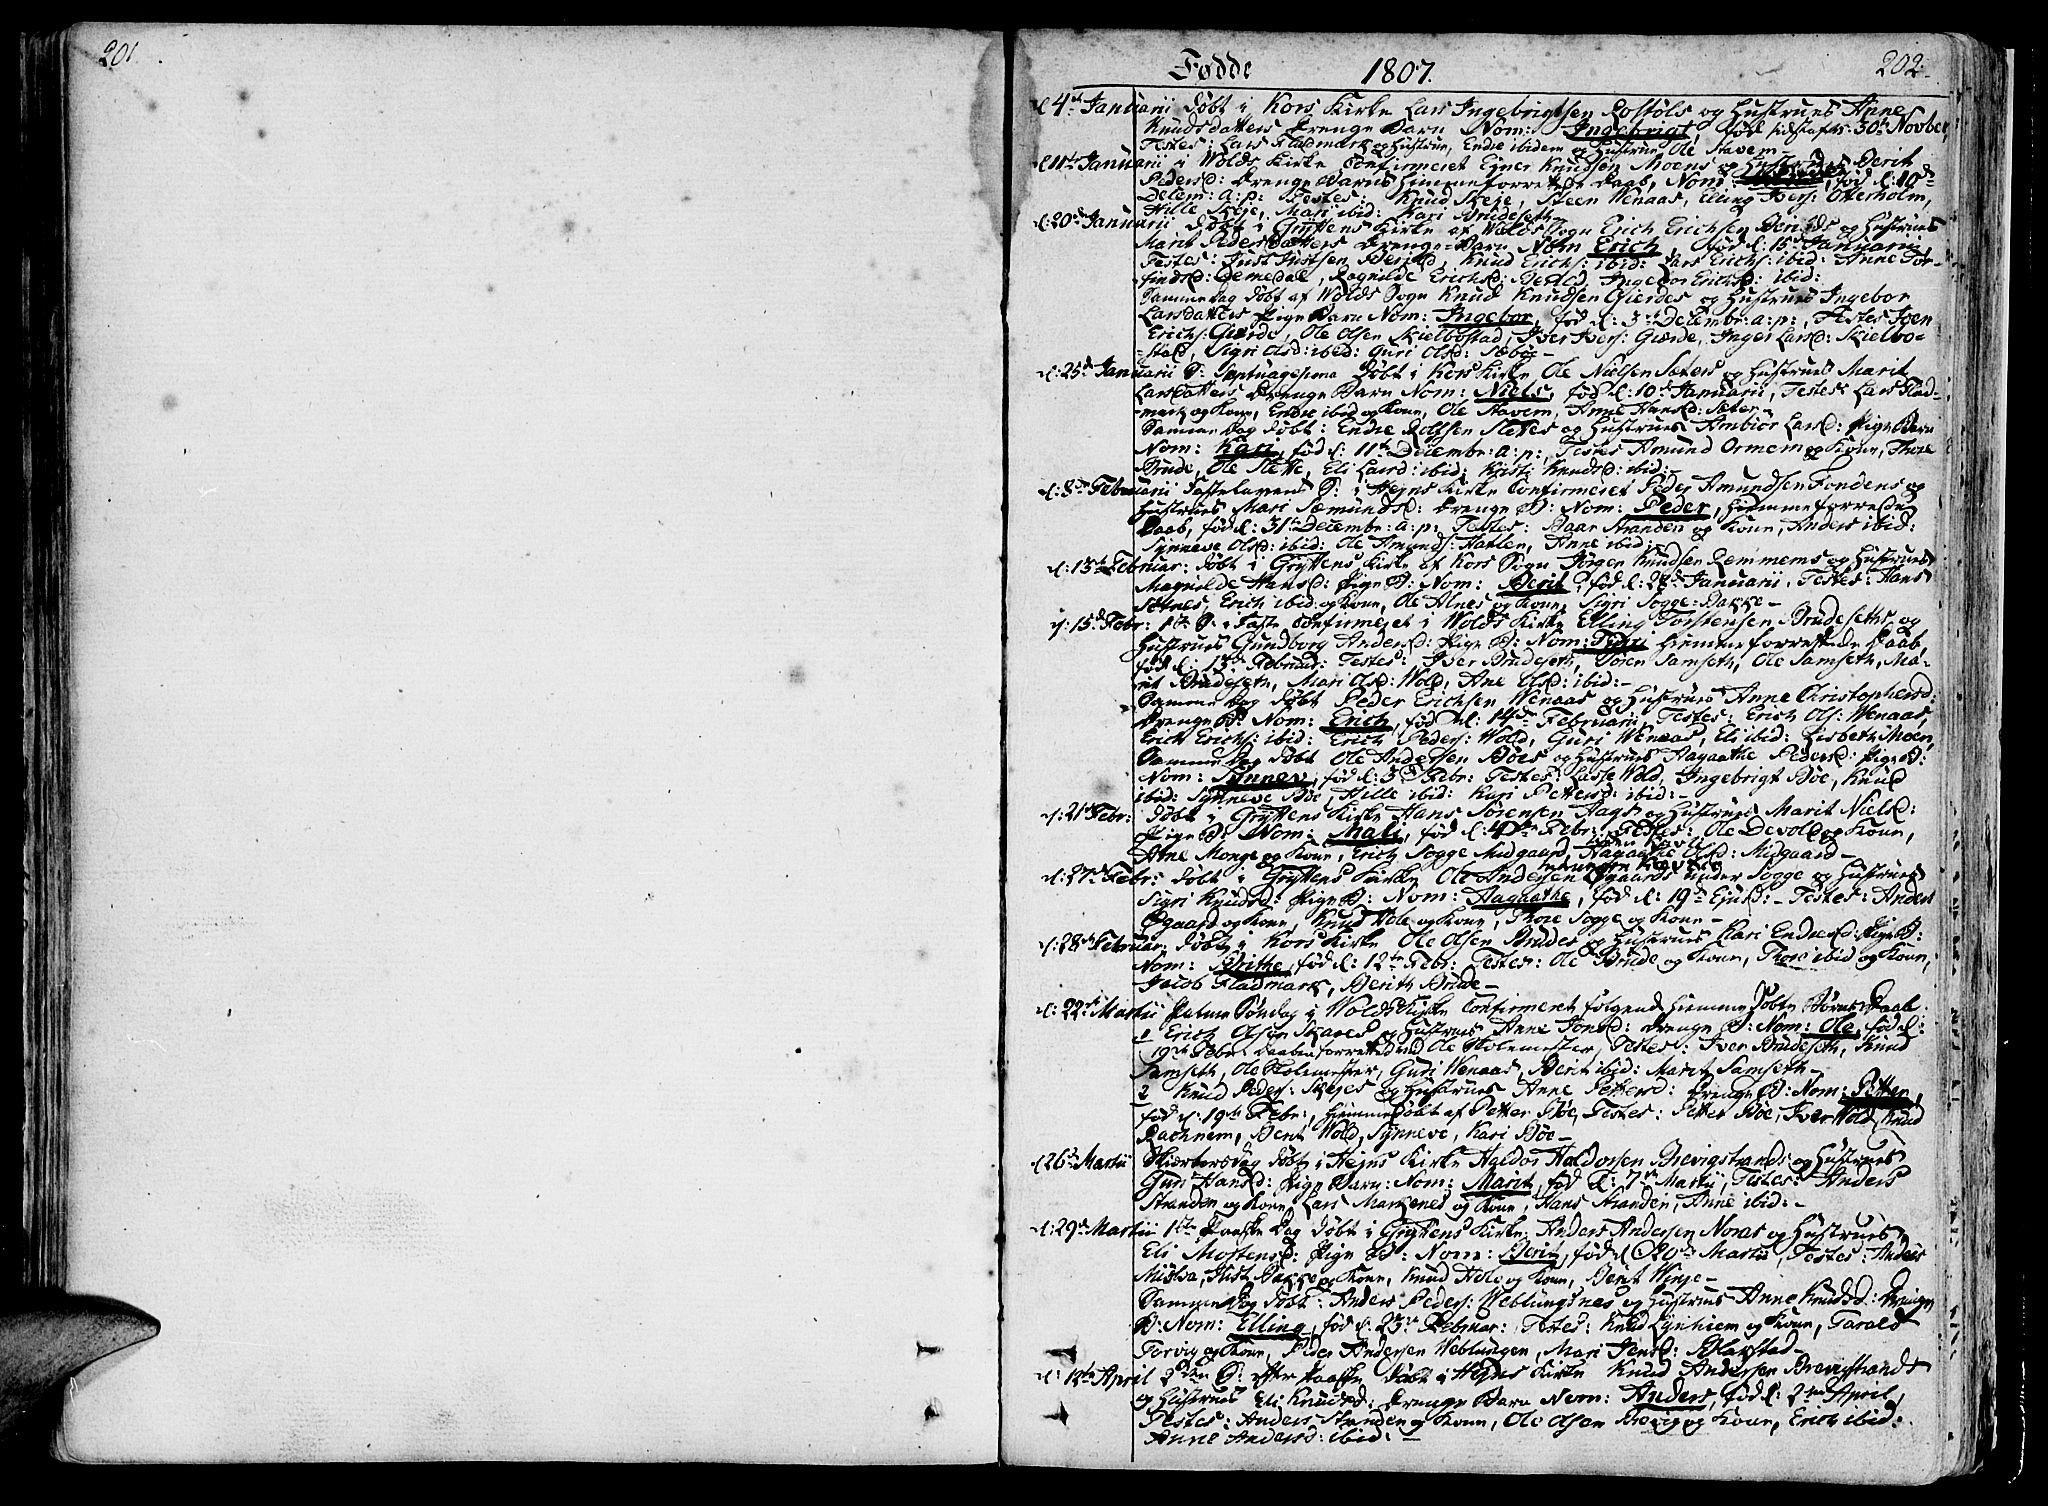 SAT, Ministerialprotokoller, klokkerbøker og fødselsregistre - Møre og Romsdal, 544/L0570: Ministerialbok nr. 544A03, 1807-1817, s. 201-202